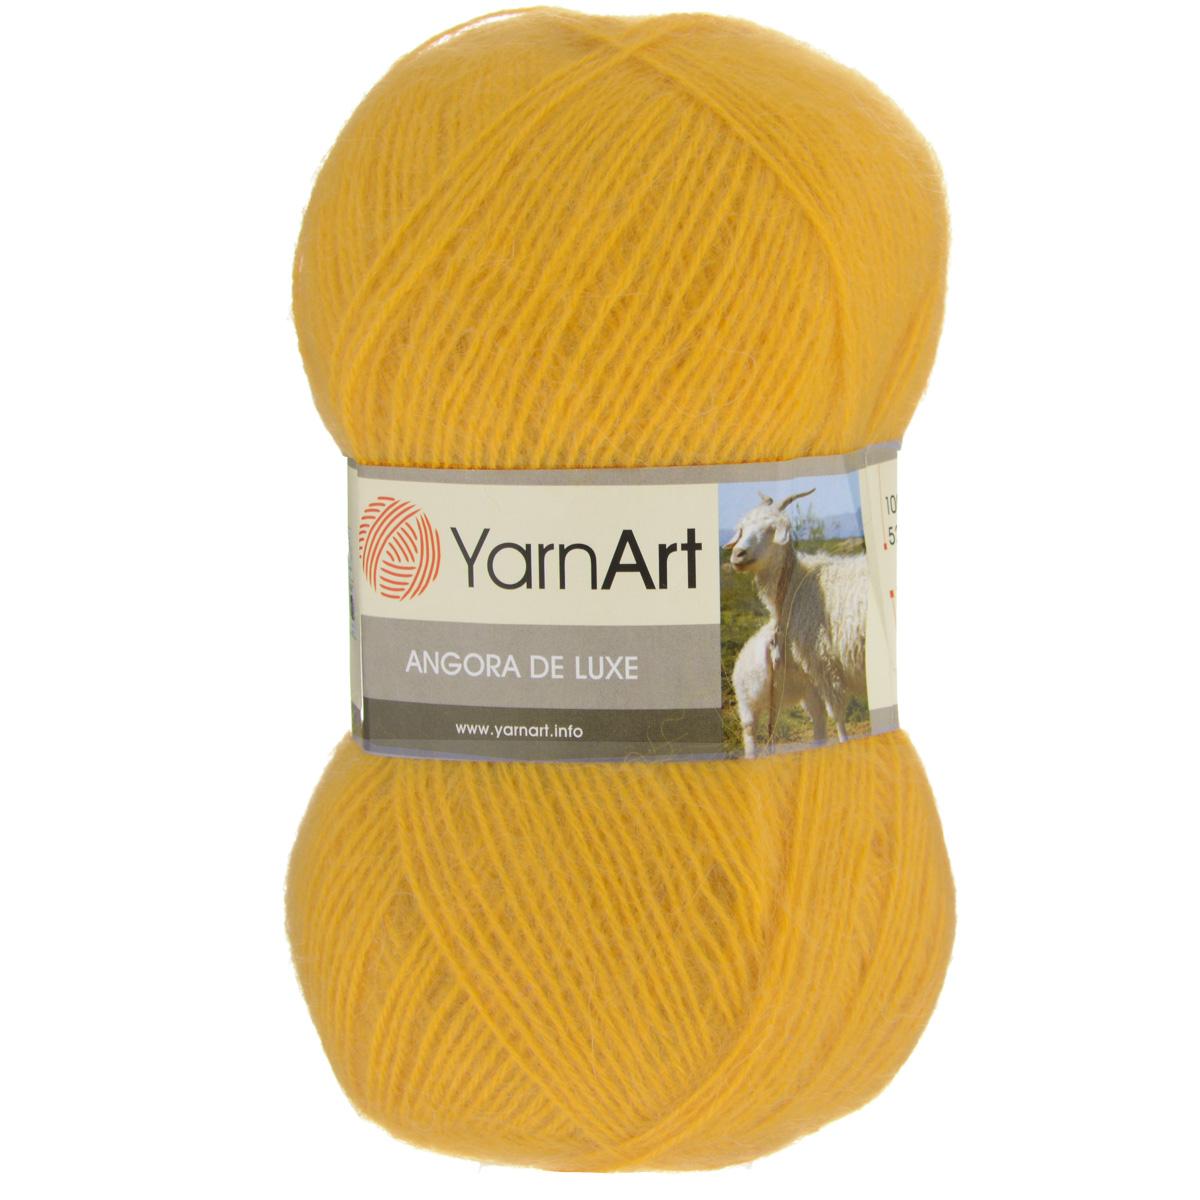 Пряжа для вязания YarnArt Angora De Luxe, цвет: желтый (586), 520 м, 100 г, 5 шт372063_586Пряжа для вязания YarnArt Angora De Luxe, изготовленная из 70% мохера и 30% акрила, очень мягкая и приятная на ощупь. Пряжа не линяет, не расслаивается, не путается в процессе вязания. Плотная, равномерно скрученная нить эластичная, гибкая, не деформируется после распускания и может быть использована вновь. Петли ложатся аккуратно, изделие не вытягивается и не косит. Пряжа YarnArt Angora De Luxe - теплая, но очень легкая, идеально подходит для изготовления зимней одежды: жилеты, свитера, кофты, кардиганы. Головные уборы, шарфы, перчатки носятся хорошо, не колются, при бережном уходе не теряют свою форму и цвет долгое время. Акрил смягчает мохеровую нить, а также обеспечивает практичность и сохранение формы изделия. Рекомендована ручная стирка до 30°C . Подходит для вязания на крючках 3,5 мм и спицах 3 мм. Толщина нити: 1 мм. Состав: 70% мохер, 30% акрил. В настоящее время вязание плотно вошло в нашу жизнь, причем не...